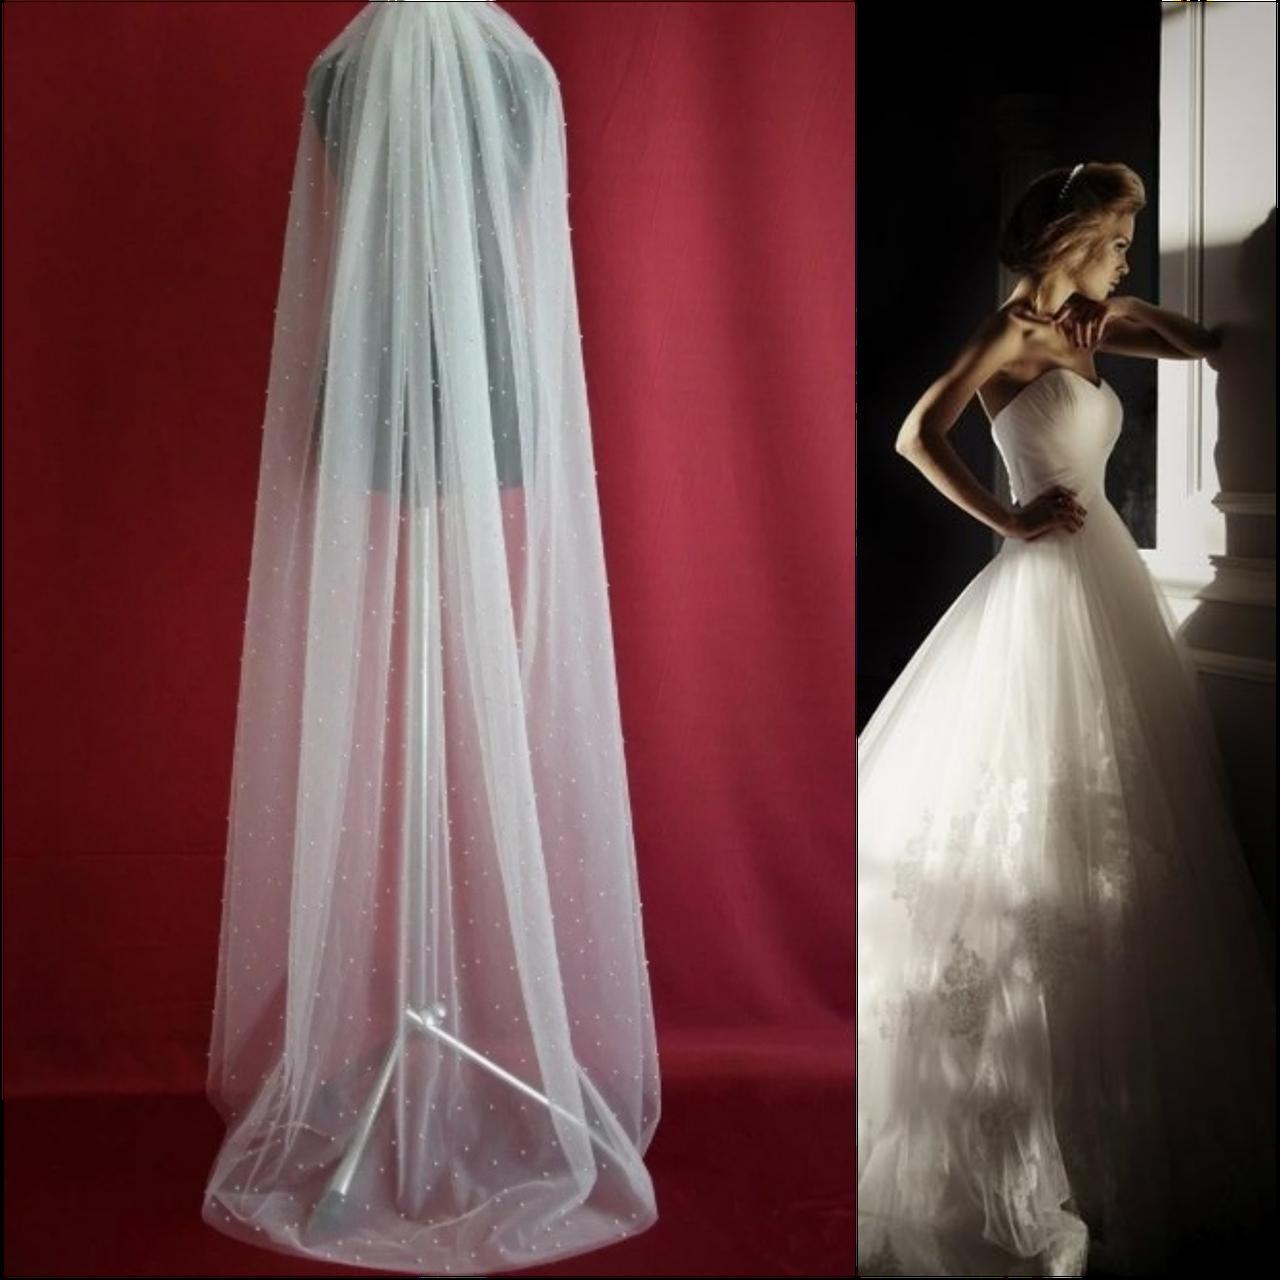 Вау! Роскошная длинная с жемчугом свадебная Фата SF для Невесты Белая/Айвори (sf-338)